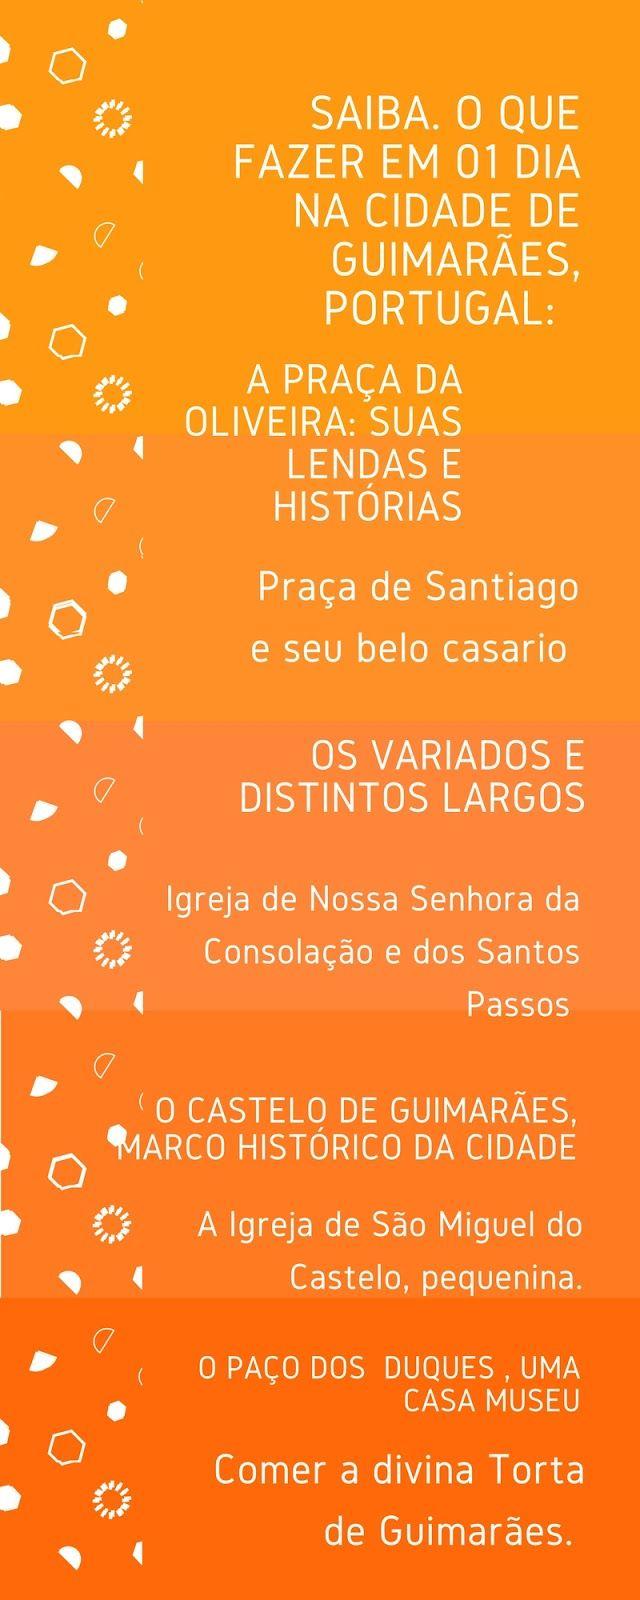 Algumas sugestões do que ver e fazer na cidade de Guimarães, onde nasceu a grande nação portuguesa